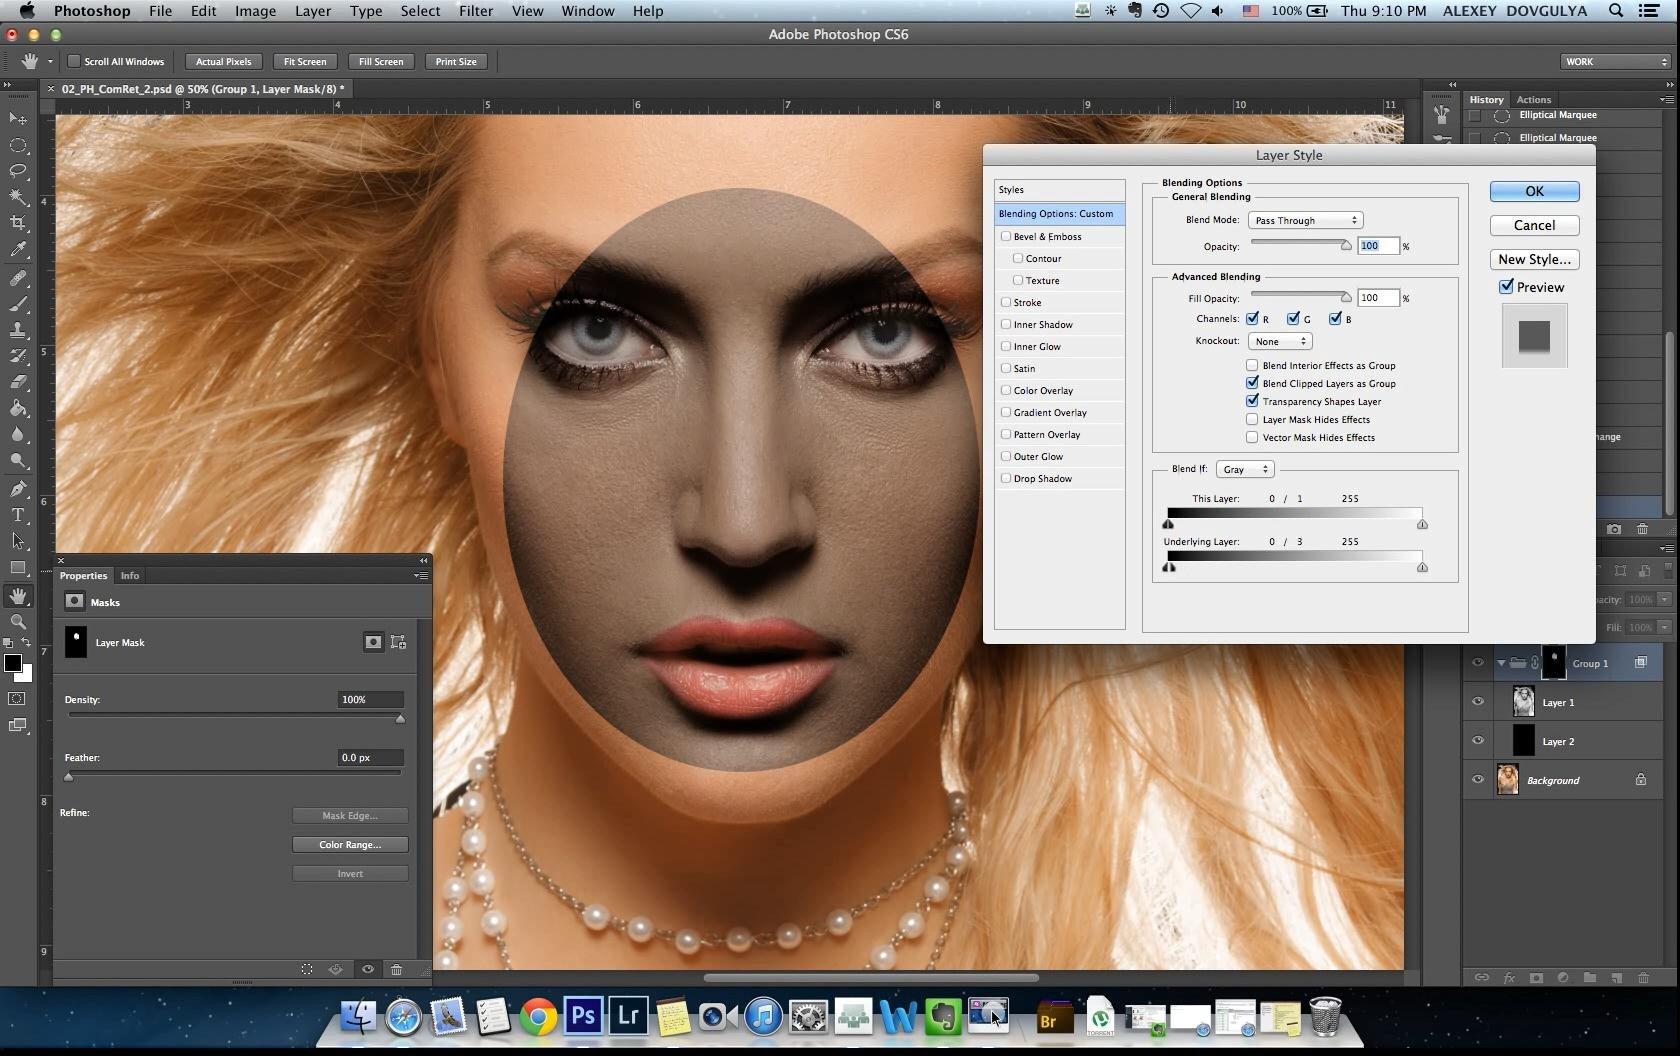 Adobe Photoshop. Коммерческая ретушь (2013) Видеокурс